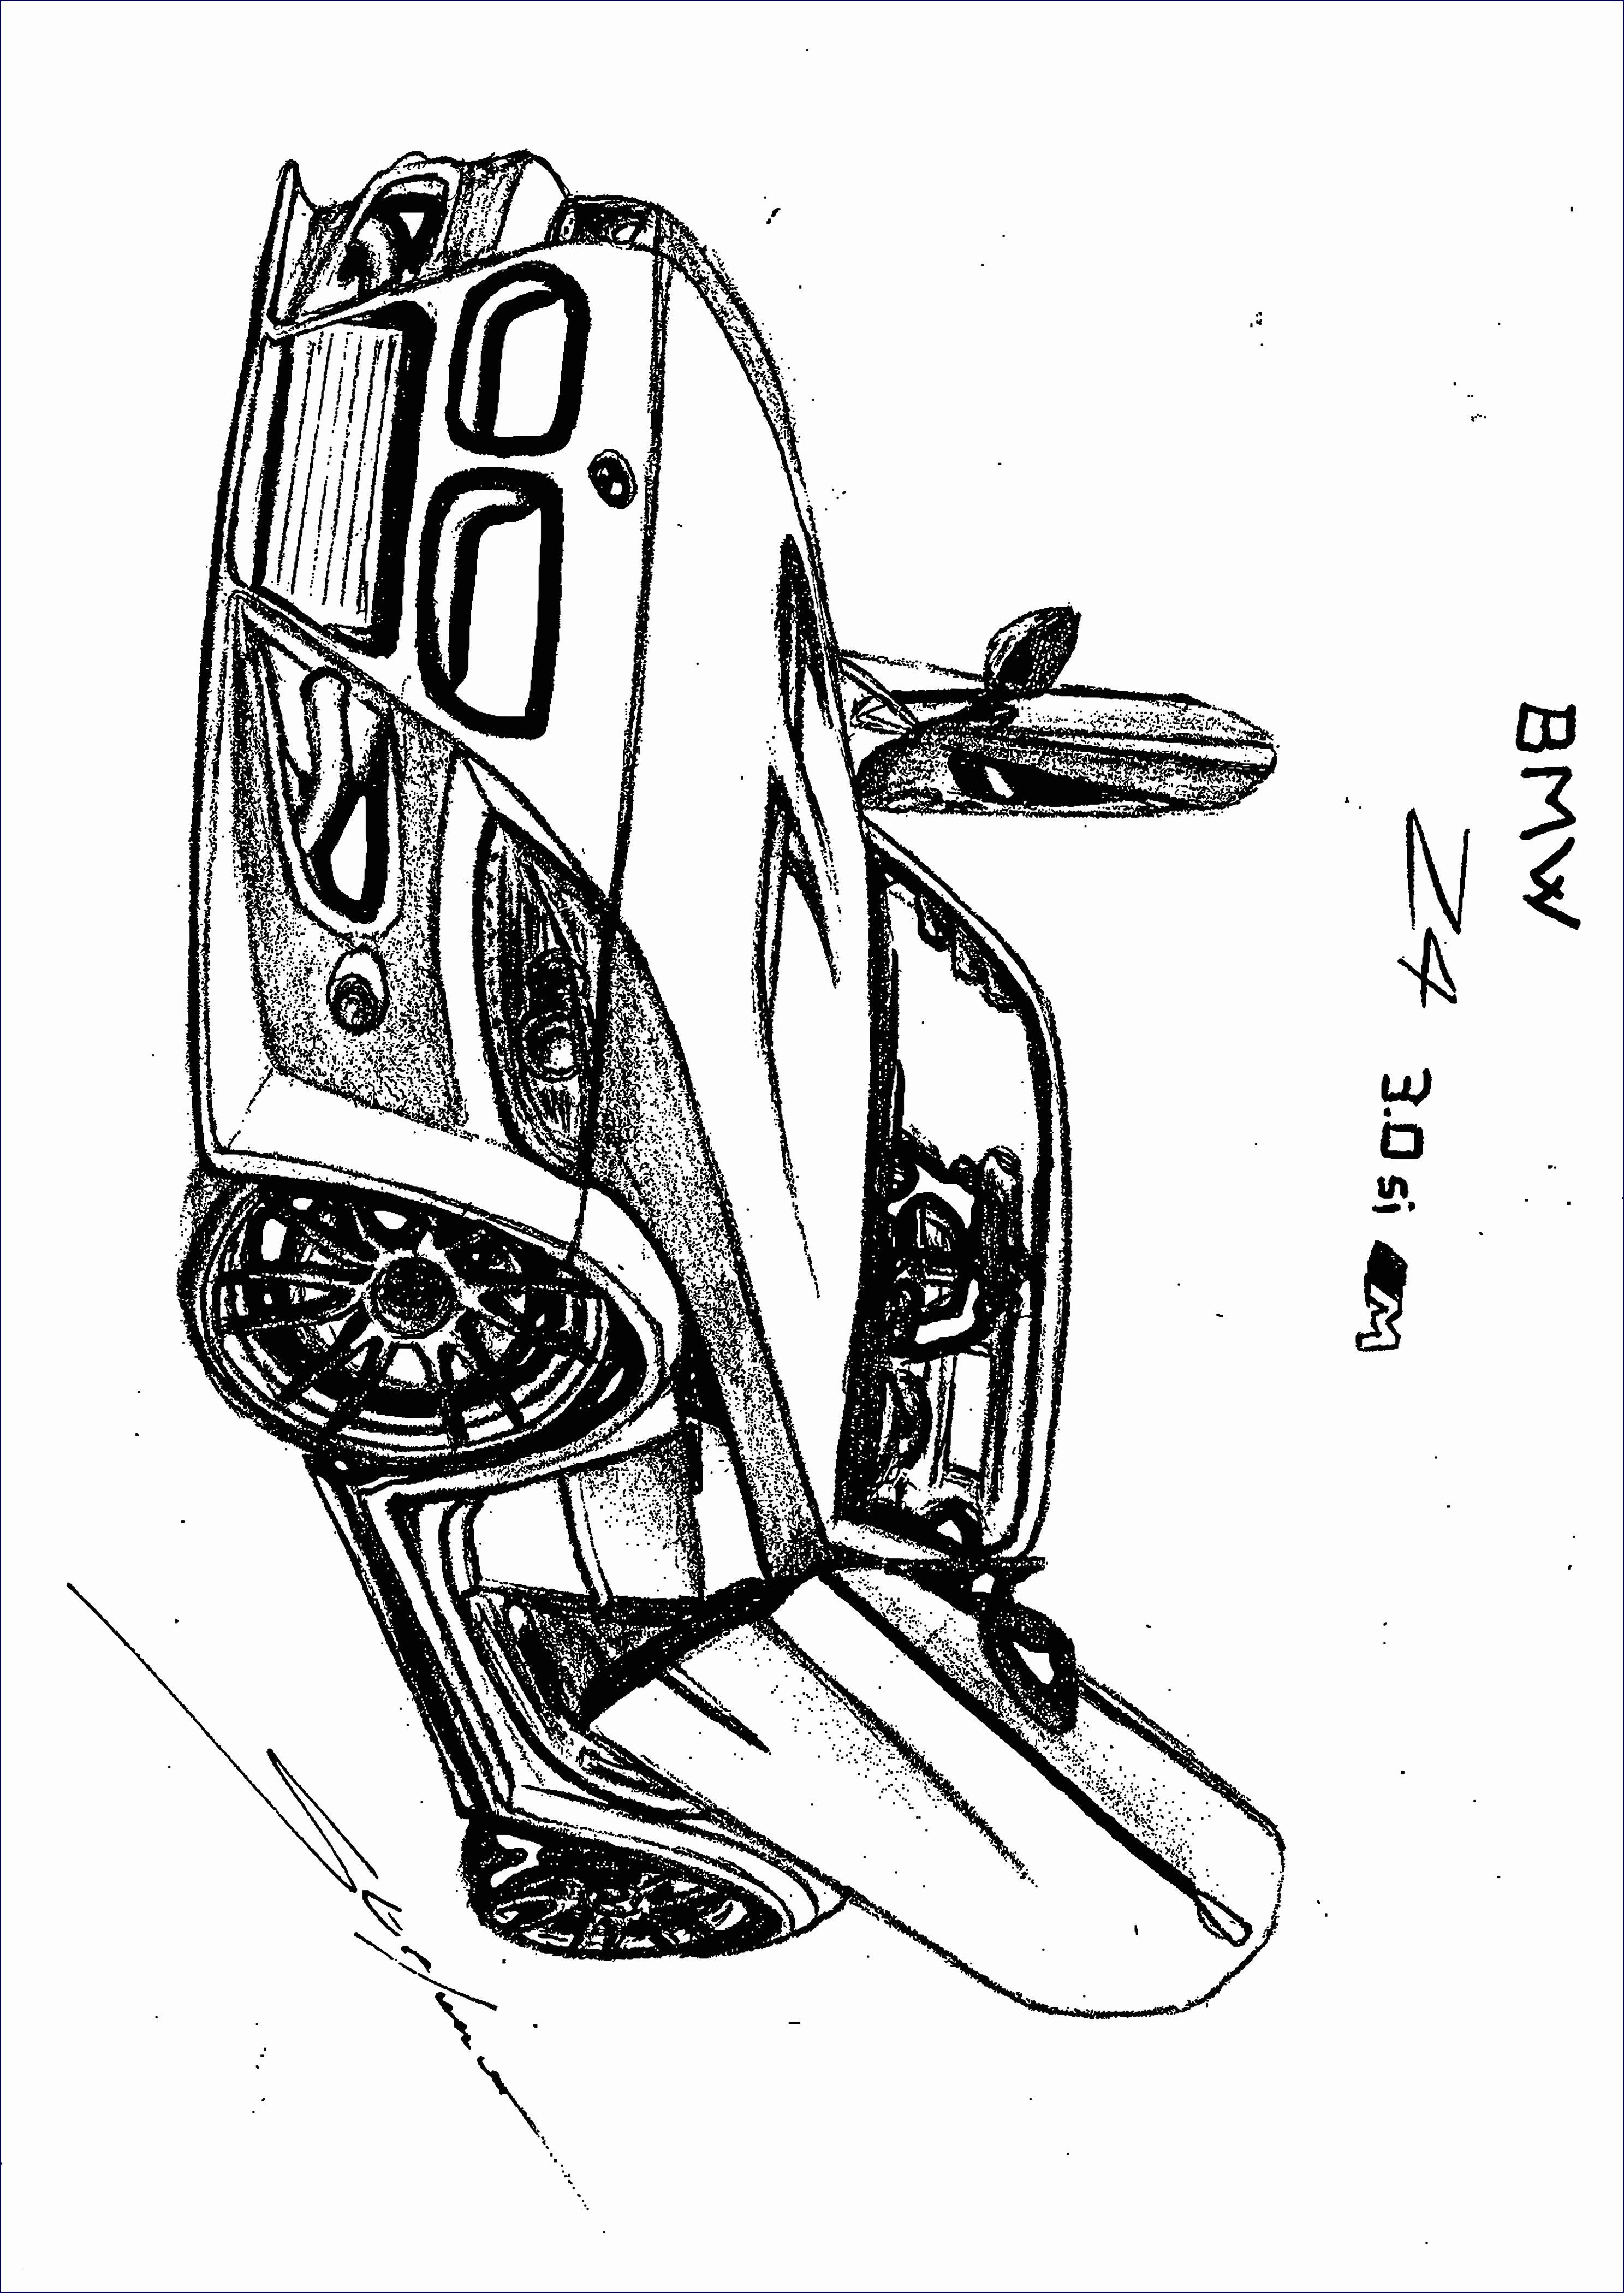 Ausmalbilder Bugatti Chiron Inspirierend ford Mustang Ausmalbilder Luxus 1970 Bugatti Luxury Bmw X5 3 0d 2003 Stock